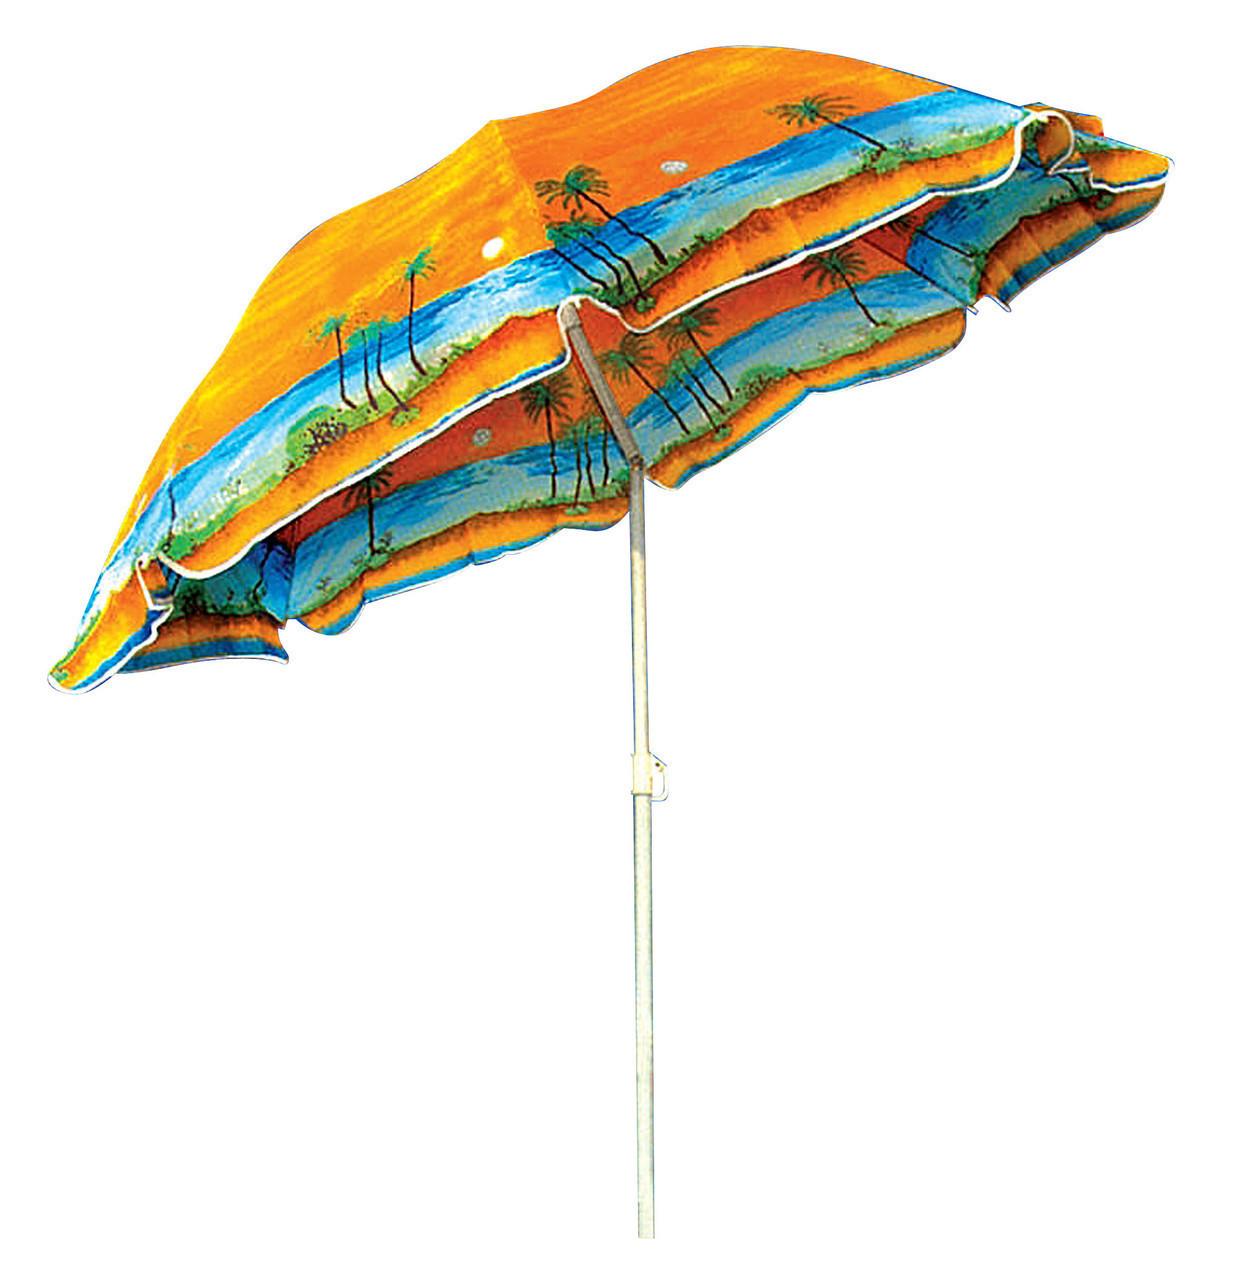 Пляжный зонт с клапаном UMBRELLA palma 220 cm